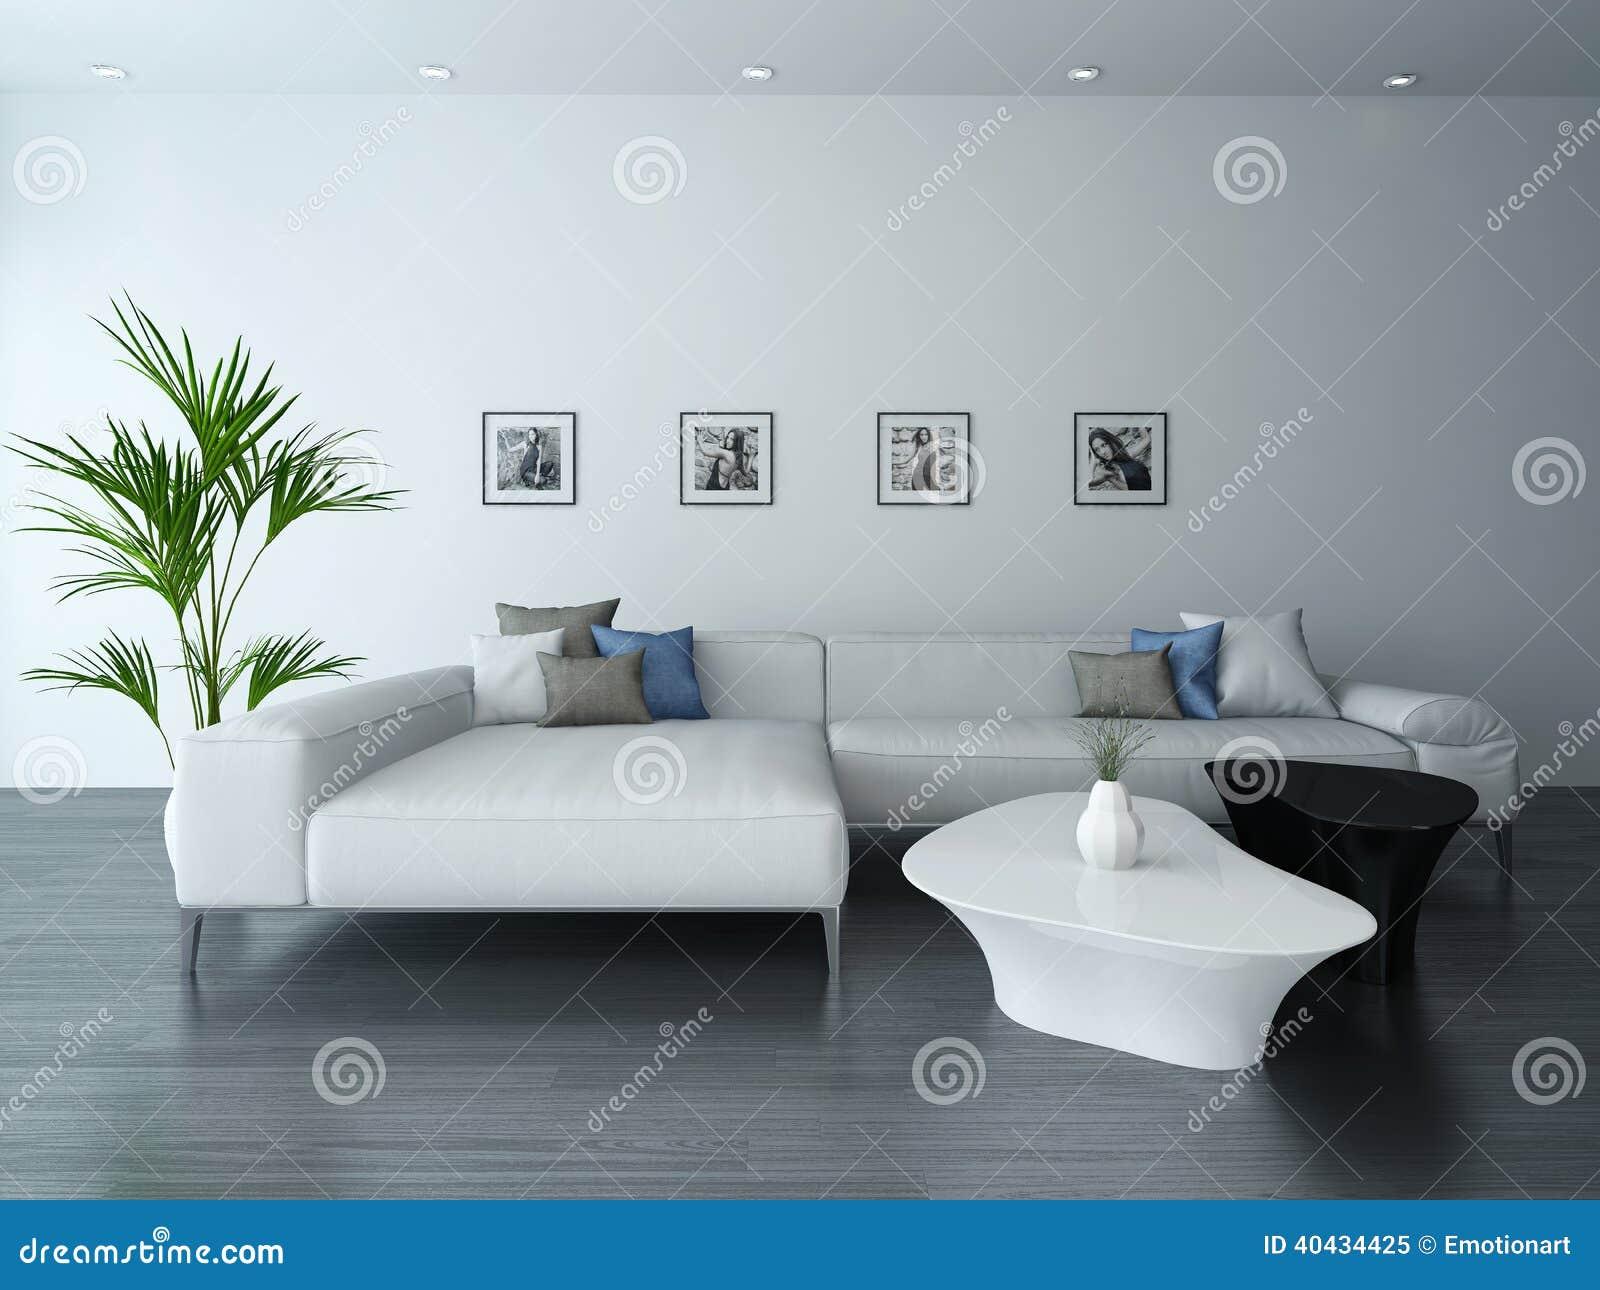 Fesselnd Wohnzimmer Mit Weißer Couch Und Porträts. Bequemlichkeit, Portrait.